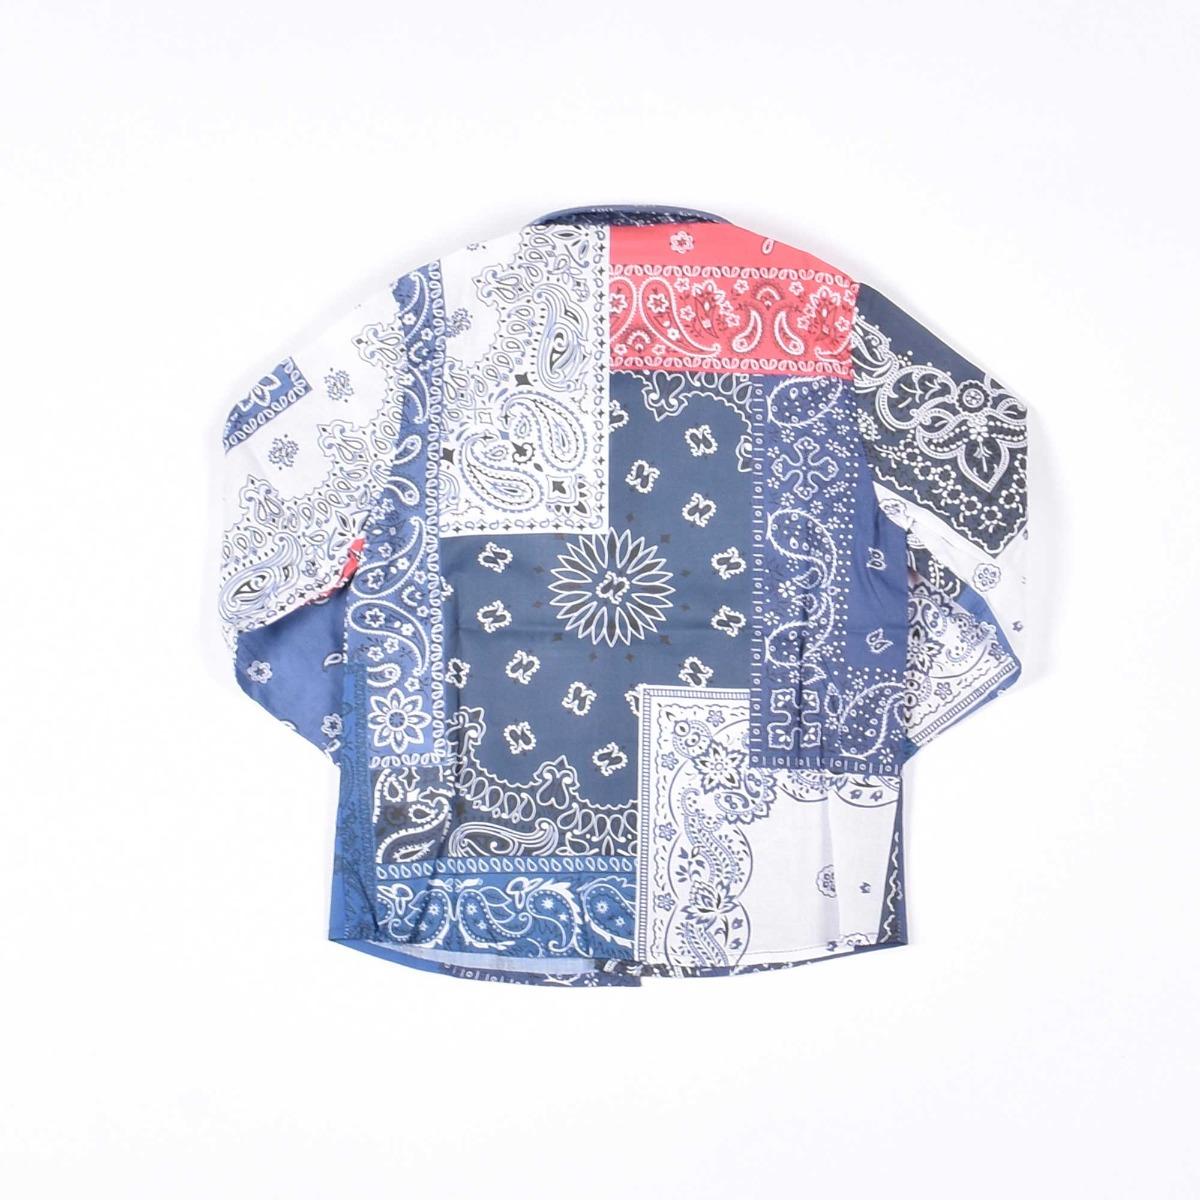 Camicia fantasia - Bluette